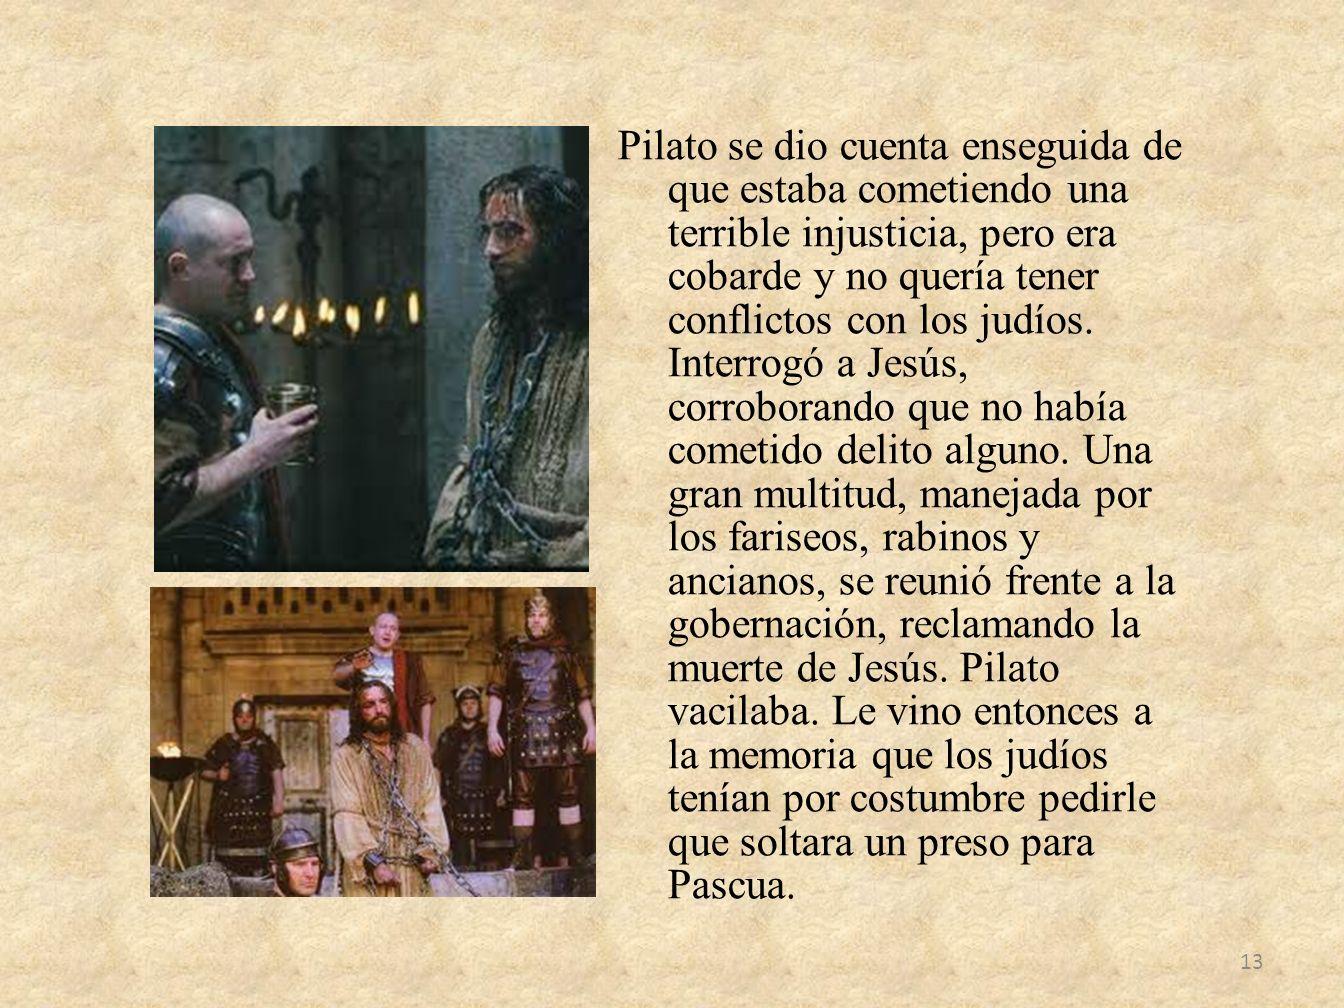 Pilato se dio cuenta enseguida de que estaba cometiendo una terrible injusticia, pero era cobarde y no quería tener conflictos con los judíos.